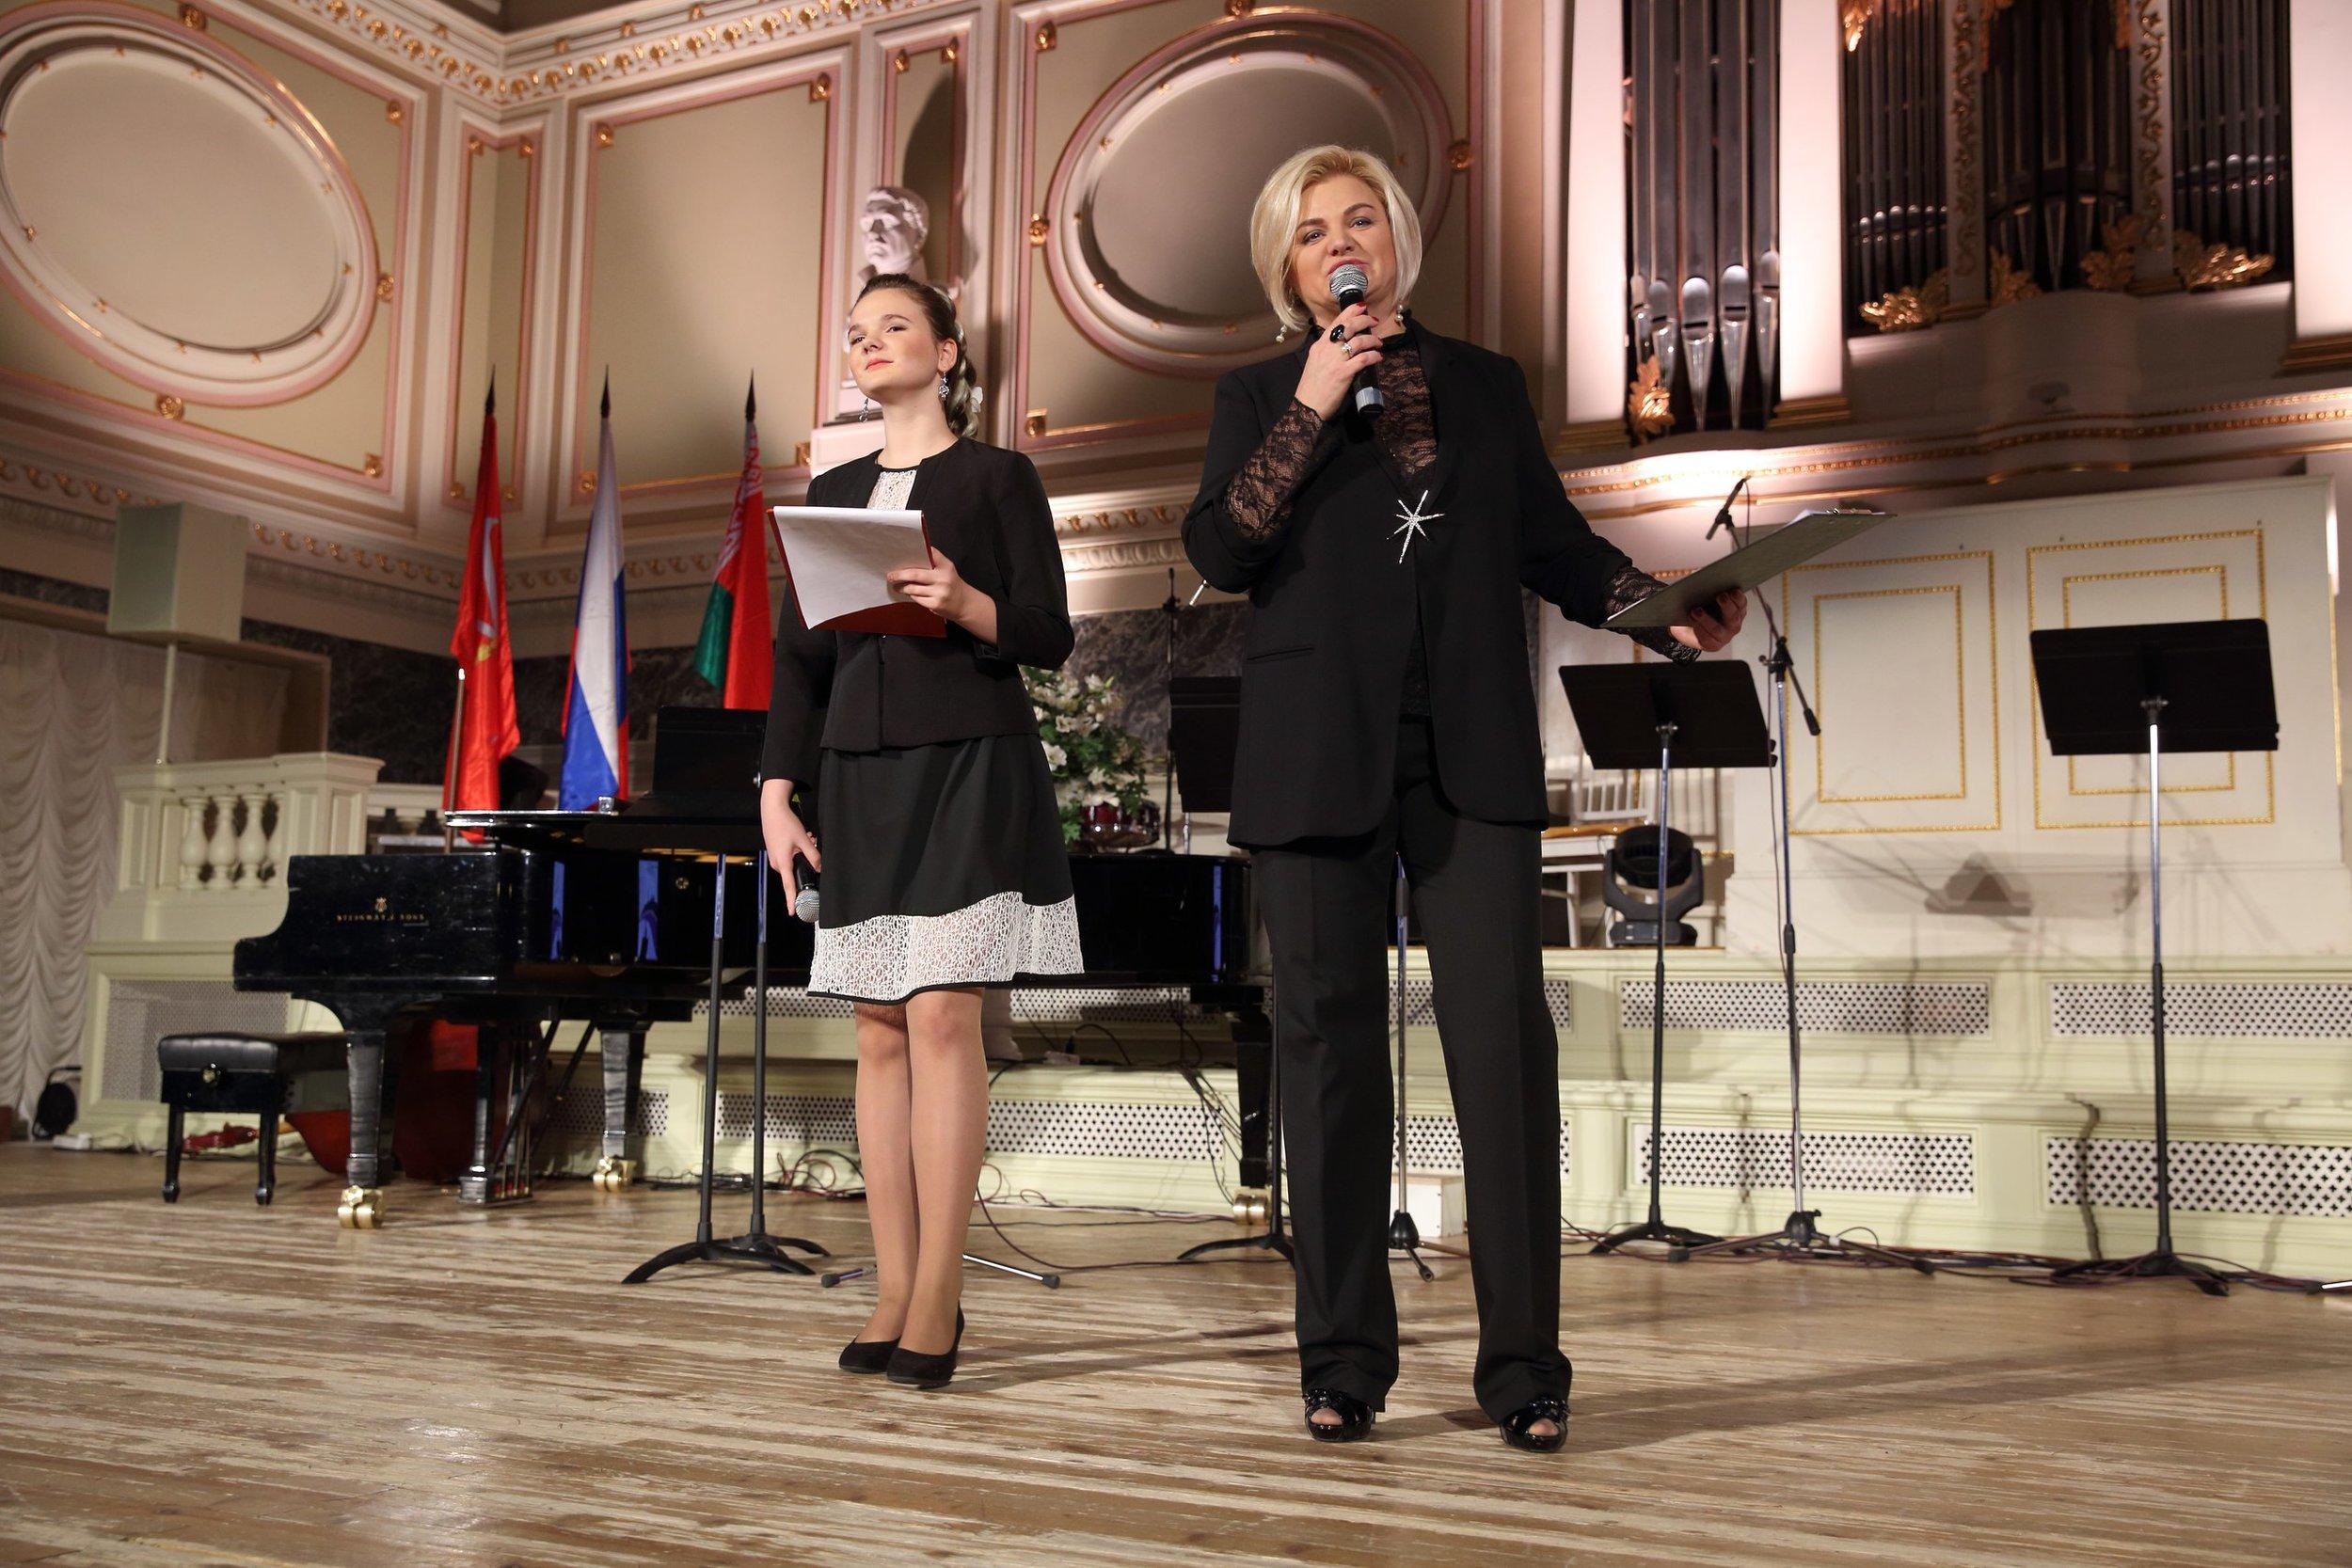 Таня Лобач потеряла полностью слух в 3 года, а на фестивале стала соведущей Гала-концерта!